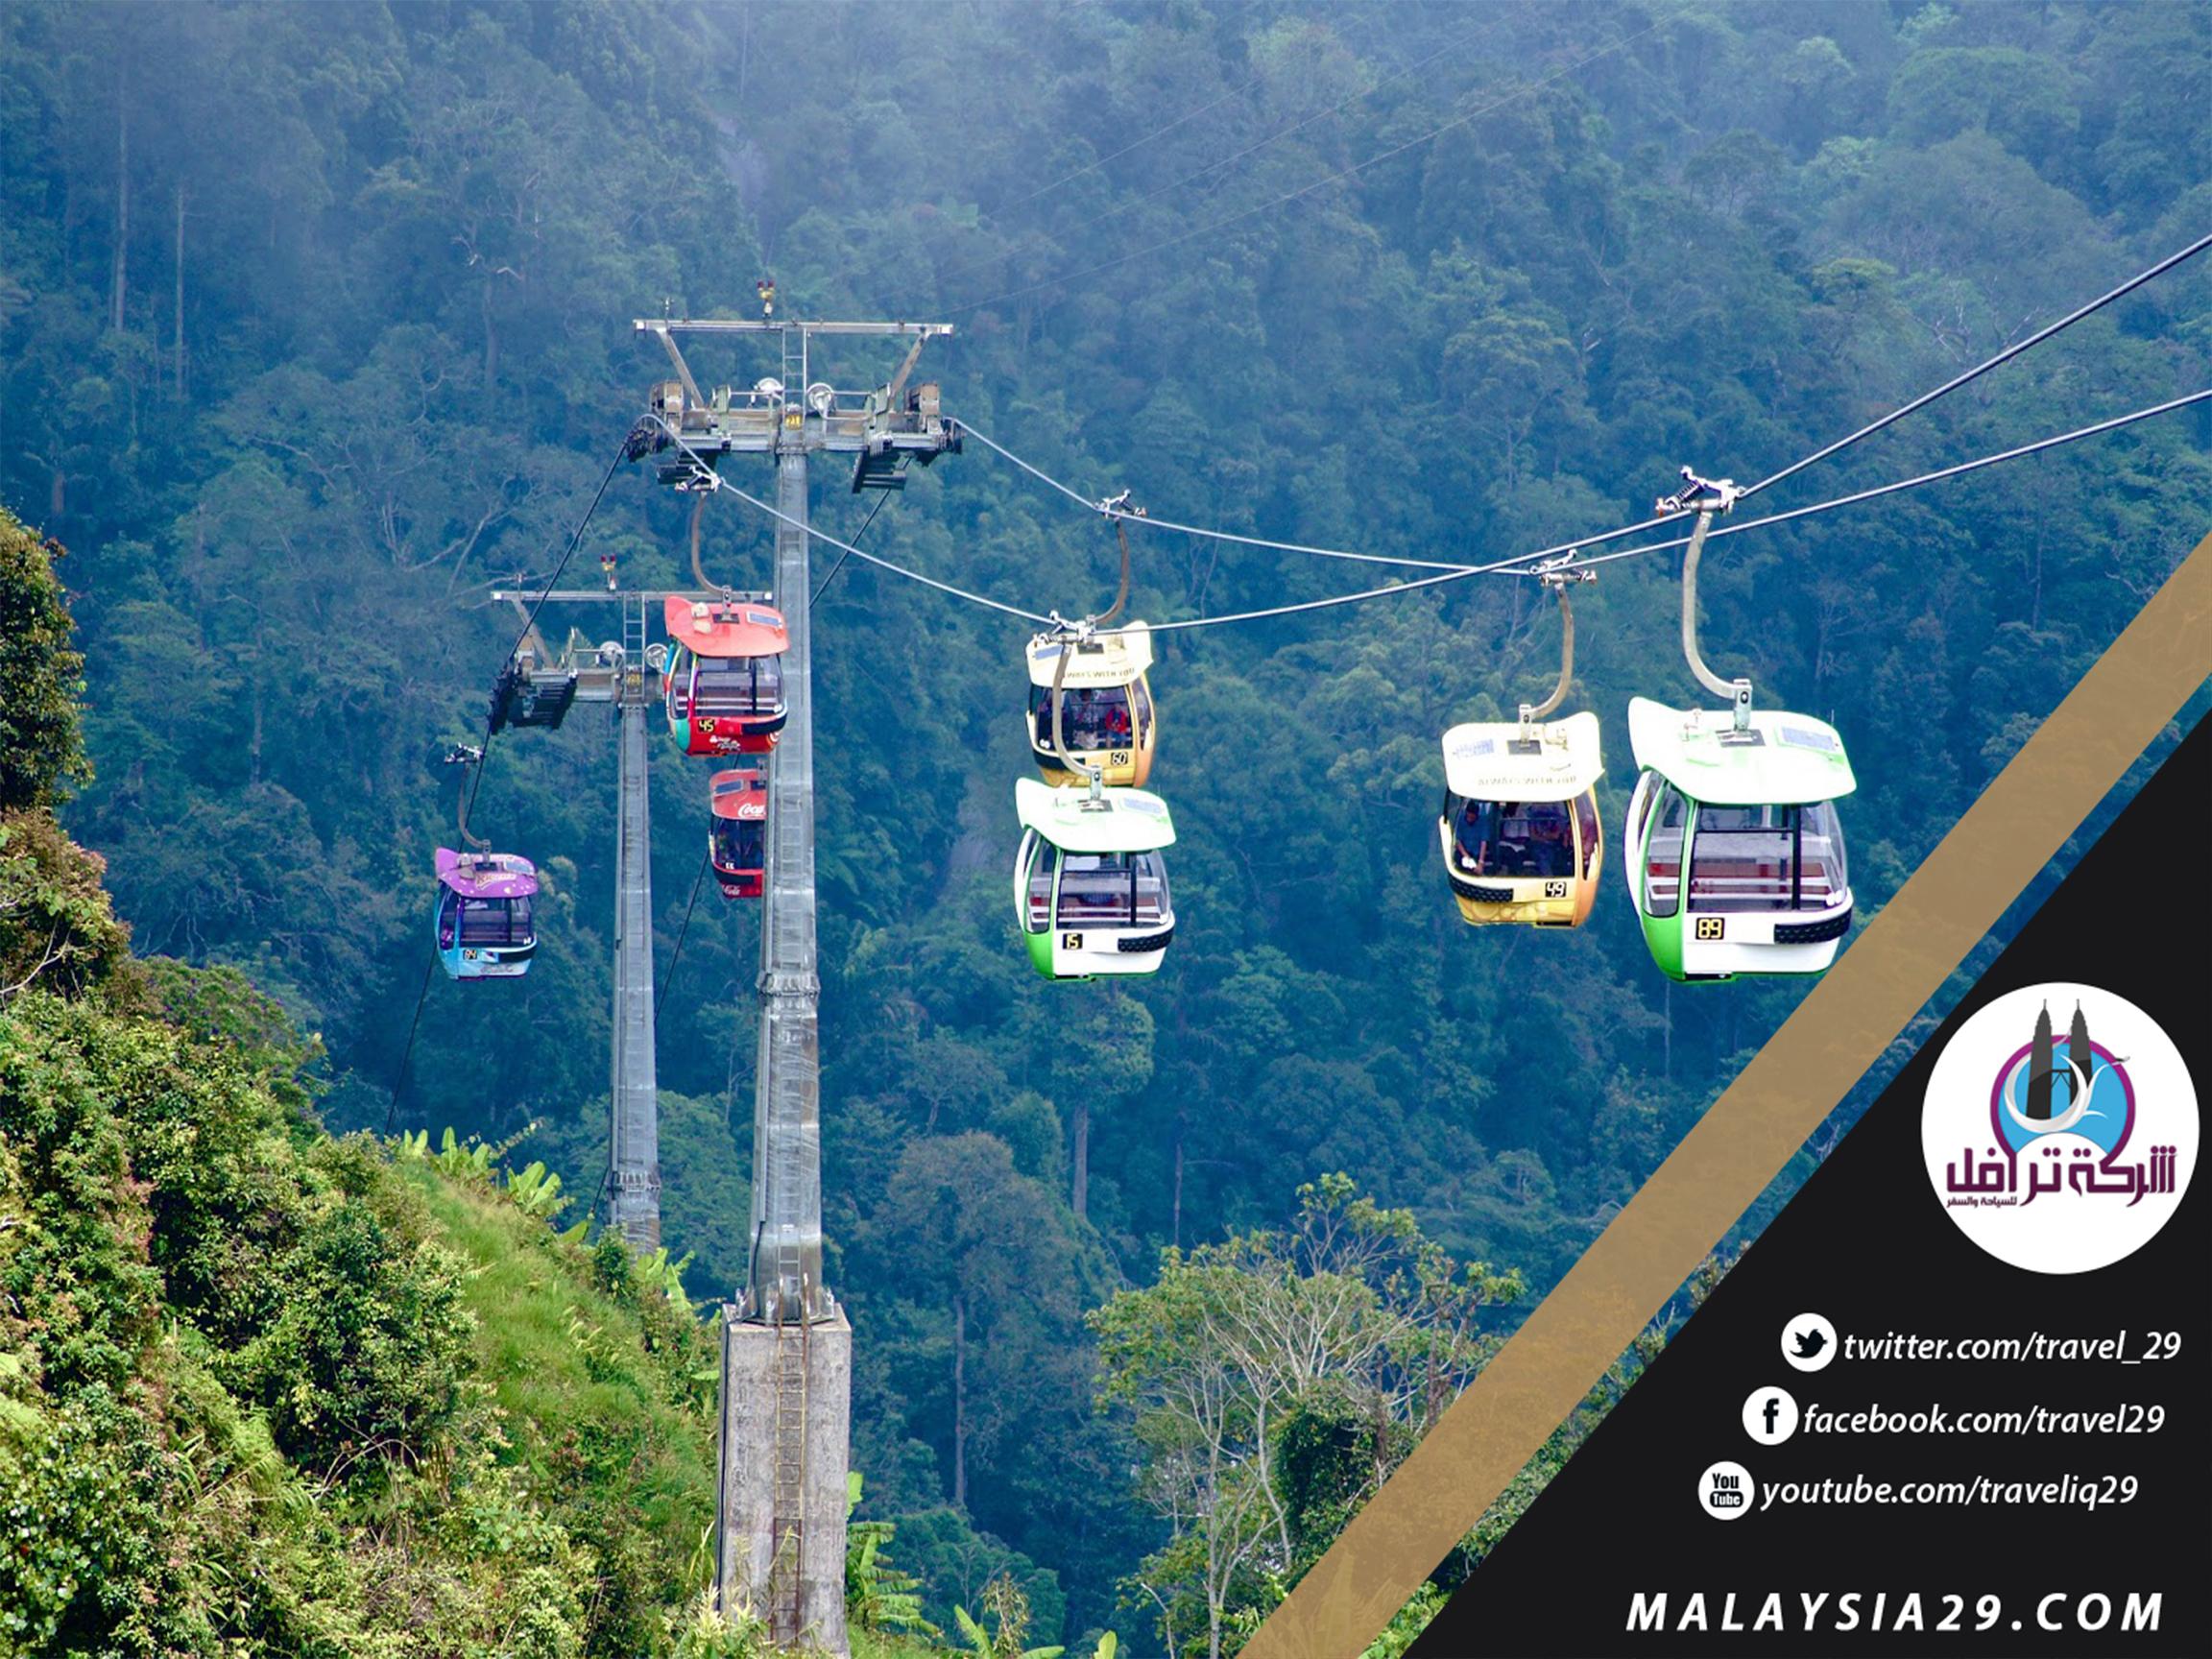 أفضل أنشطة عند تلفريك جنتينج هايلاند في ماليزيا